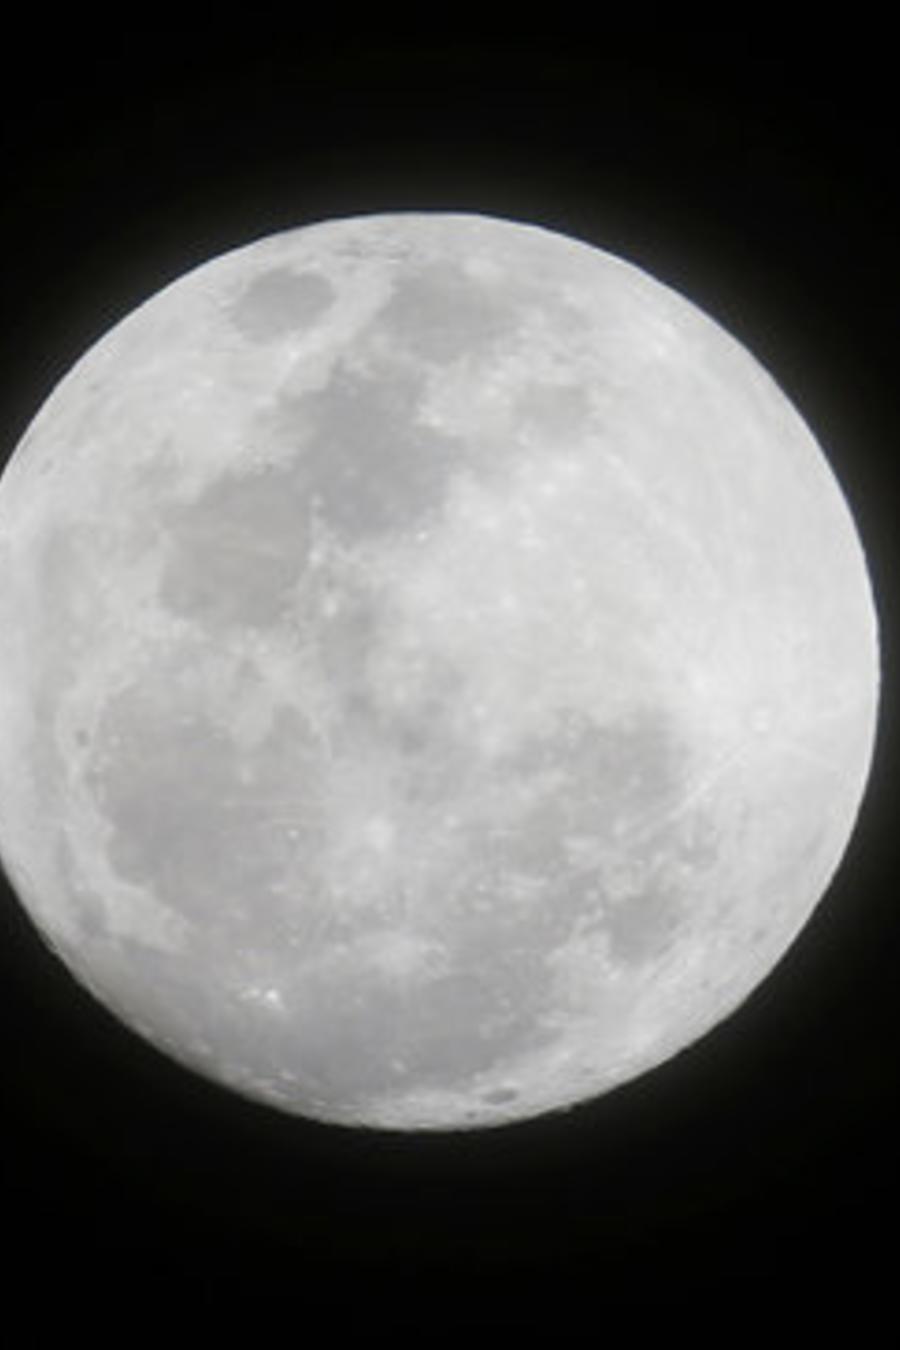 Superluna vista desde Makati, ciudad de Manila (Filipinas), el 1 de enero de 2018.